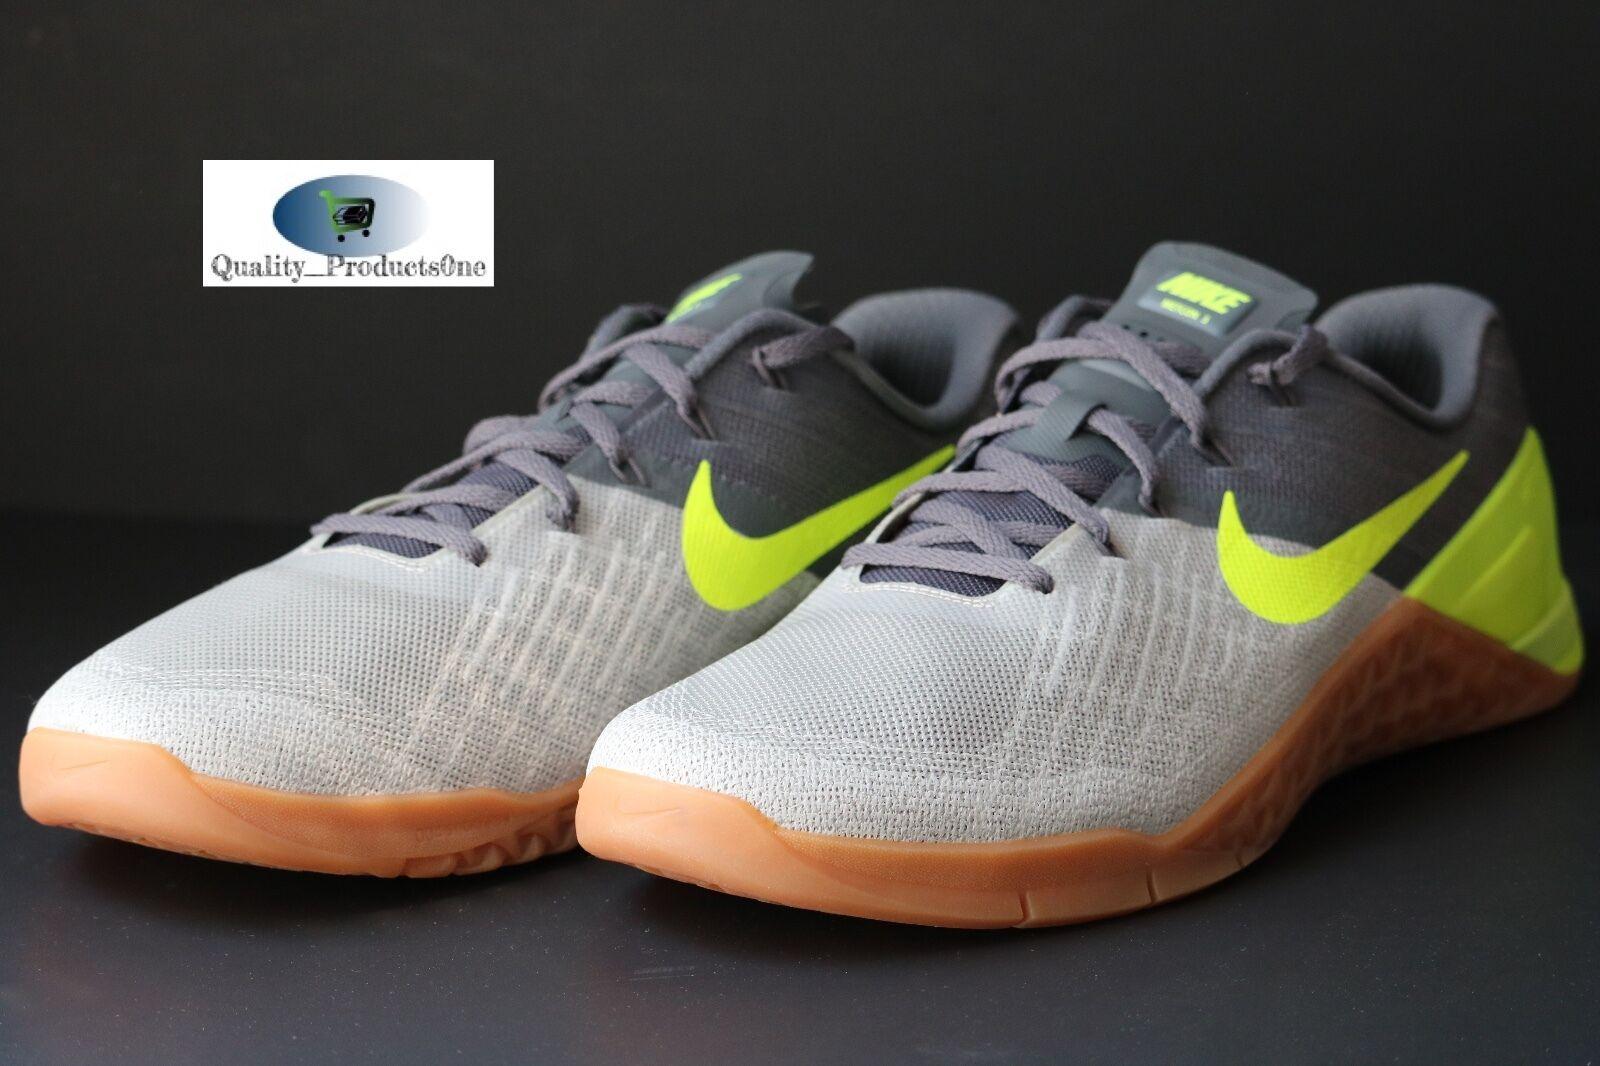 Mens Nike Metcon 3 Dark Grey/Volt/Pale Grey 852928 004 Size 13